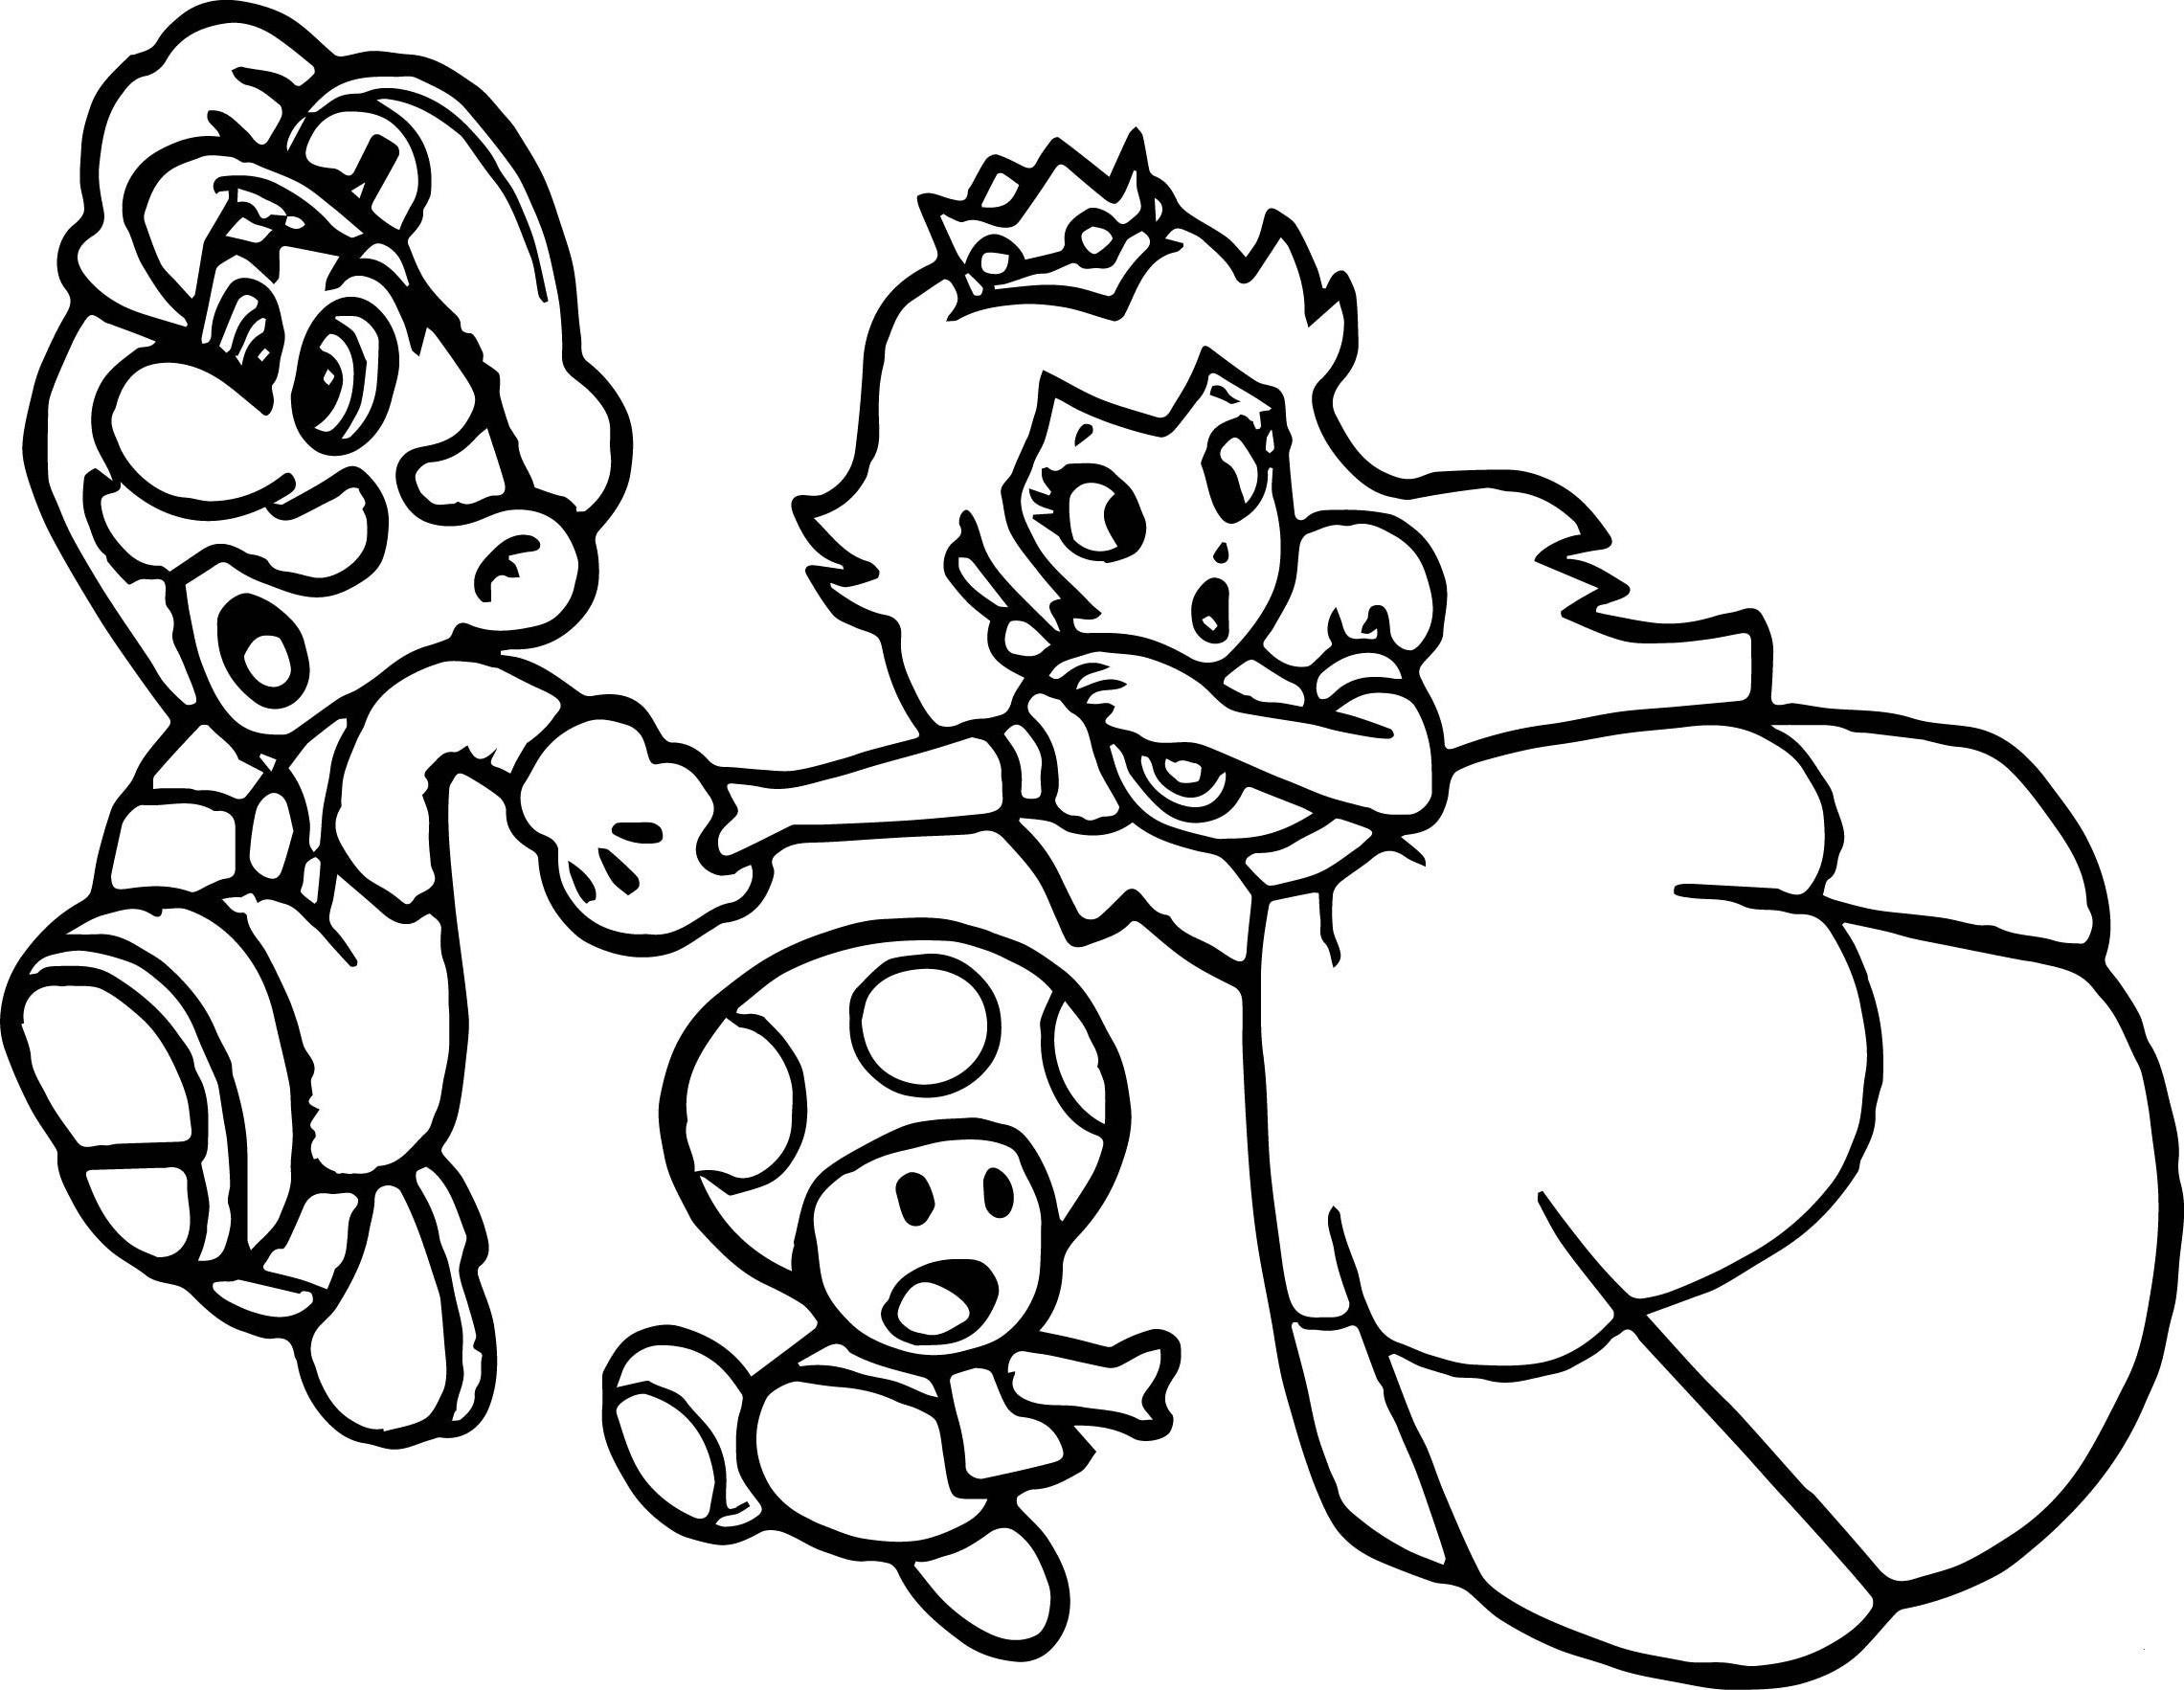 Super Mario Malvorlage Inspirierend 28 Inspirierend Ausmalbild Super Mario – Malvorlagen Ideen Sammlung